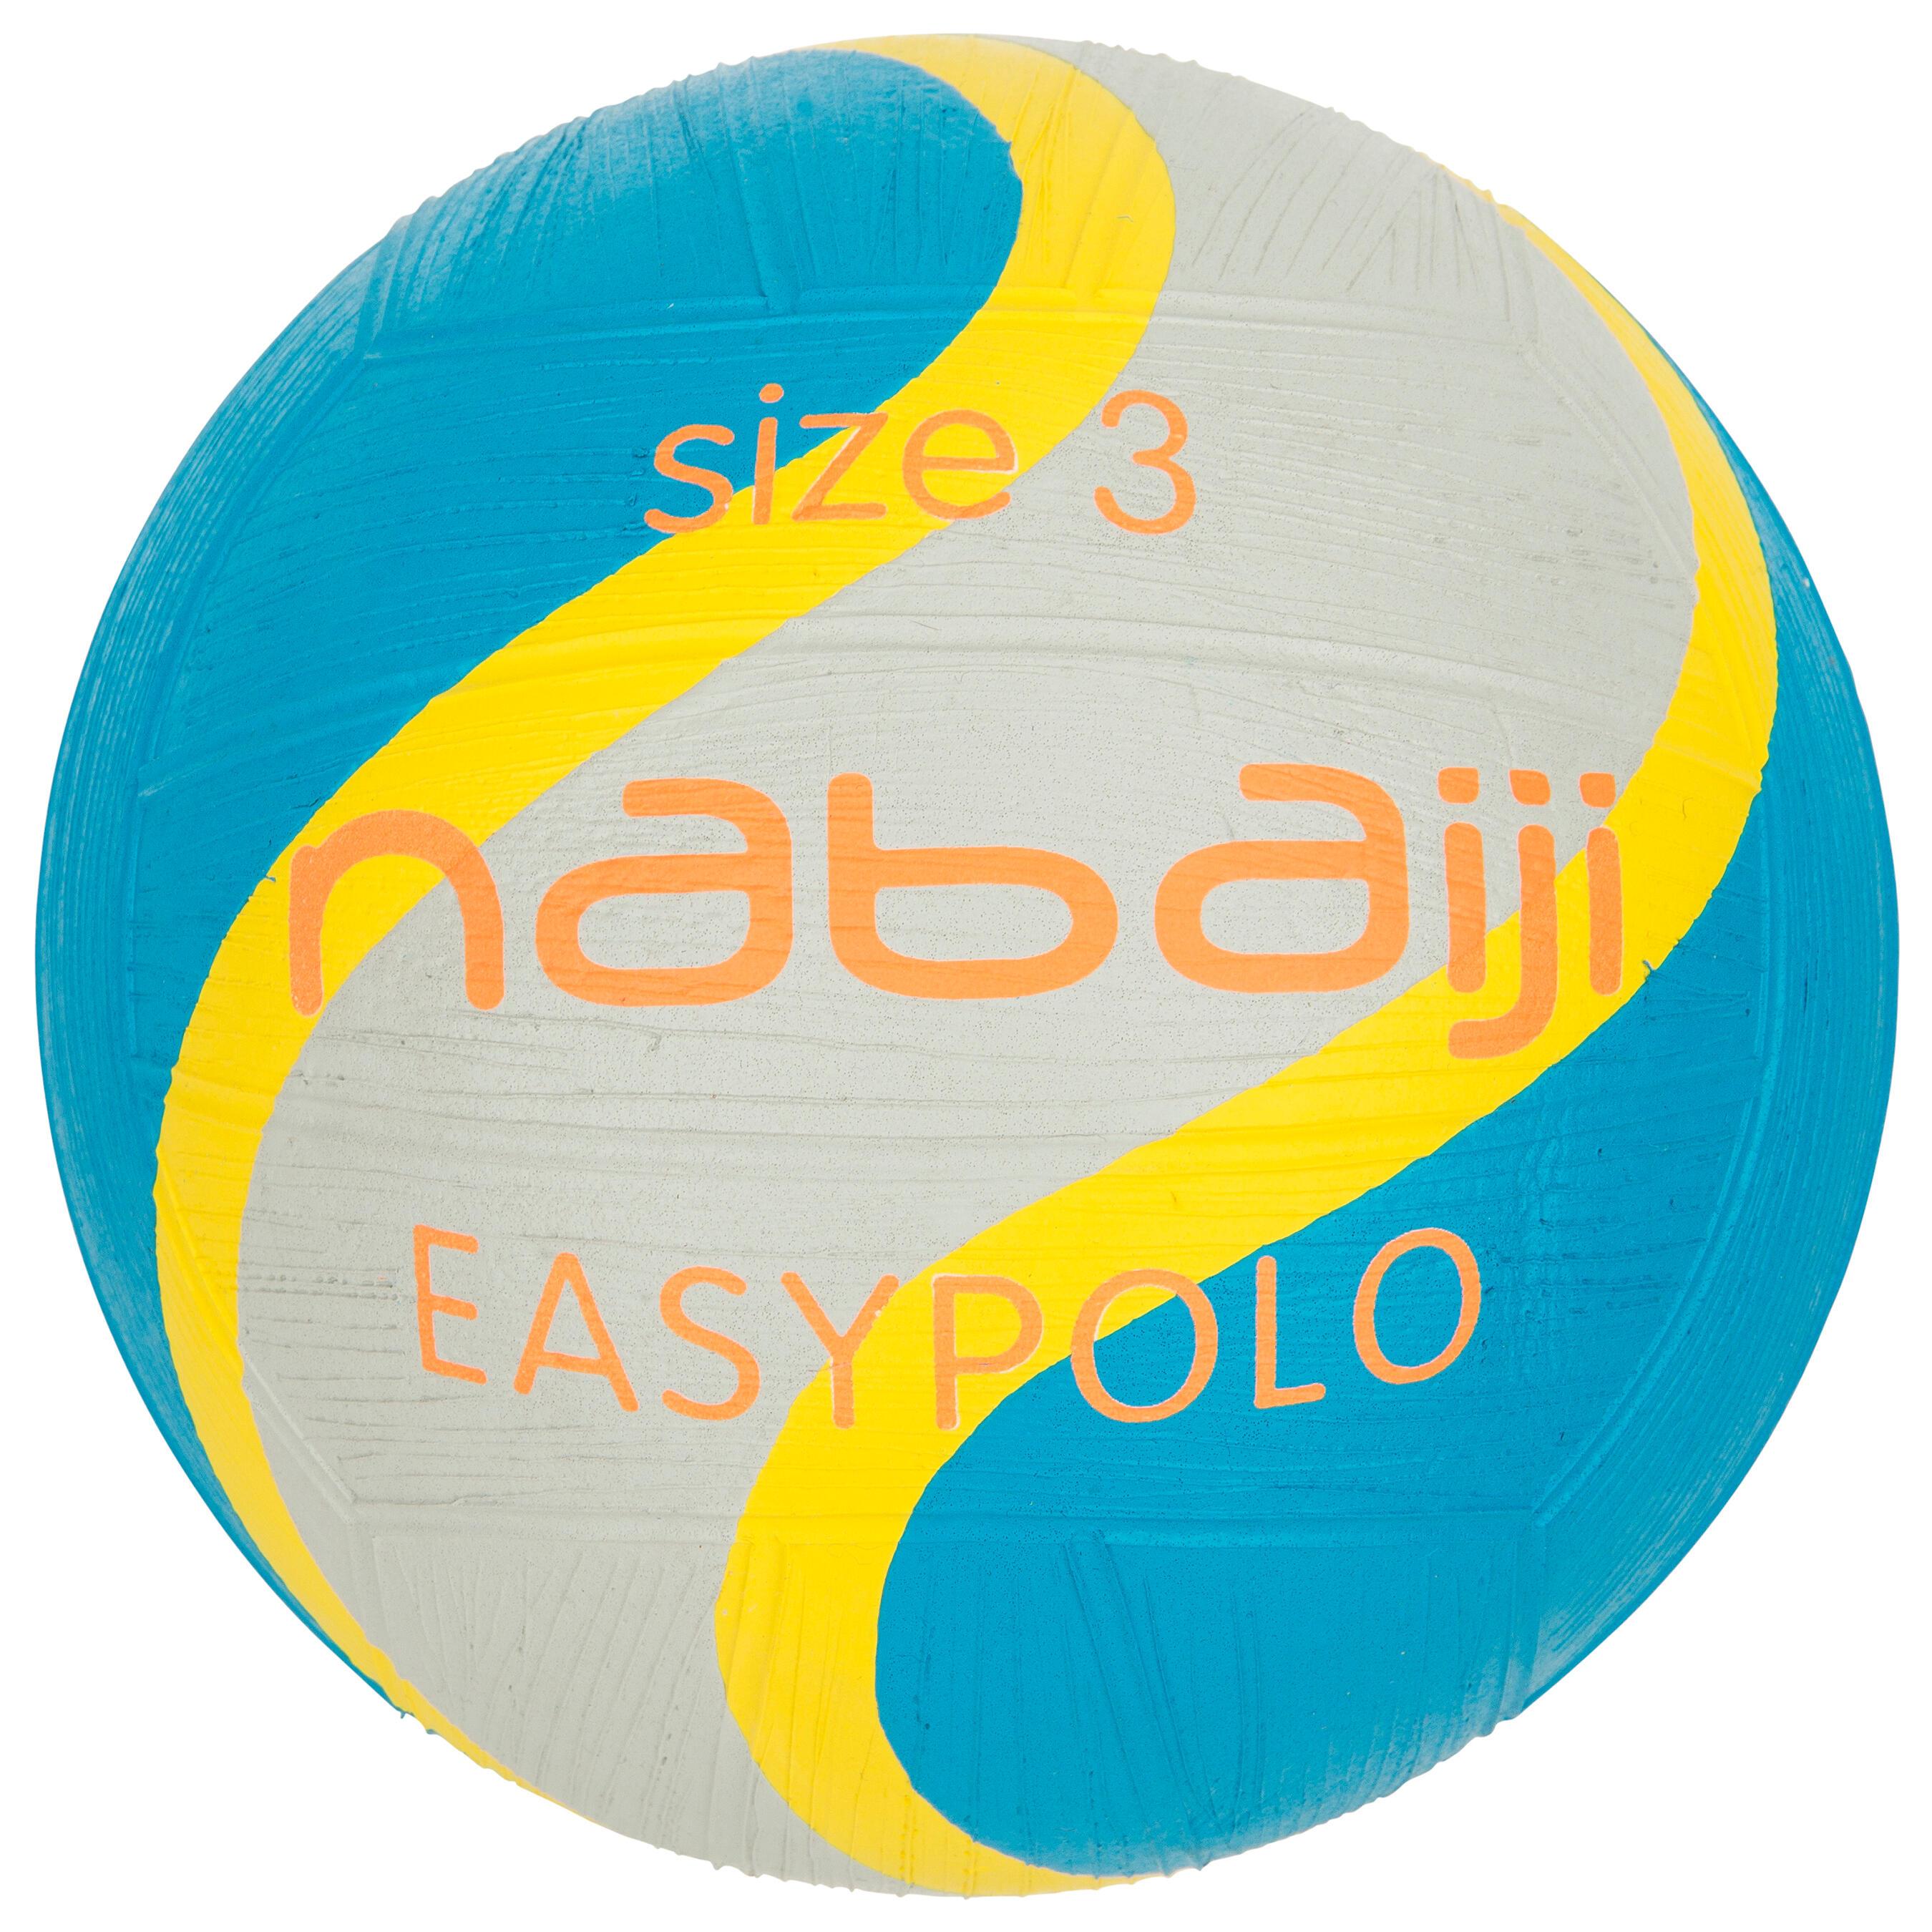 Easypolo ball Grey...